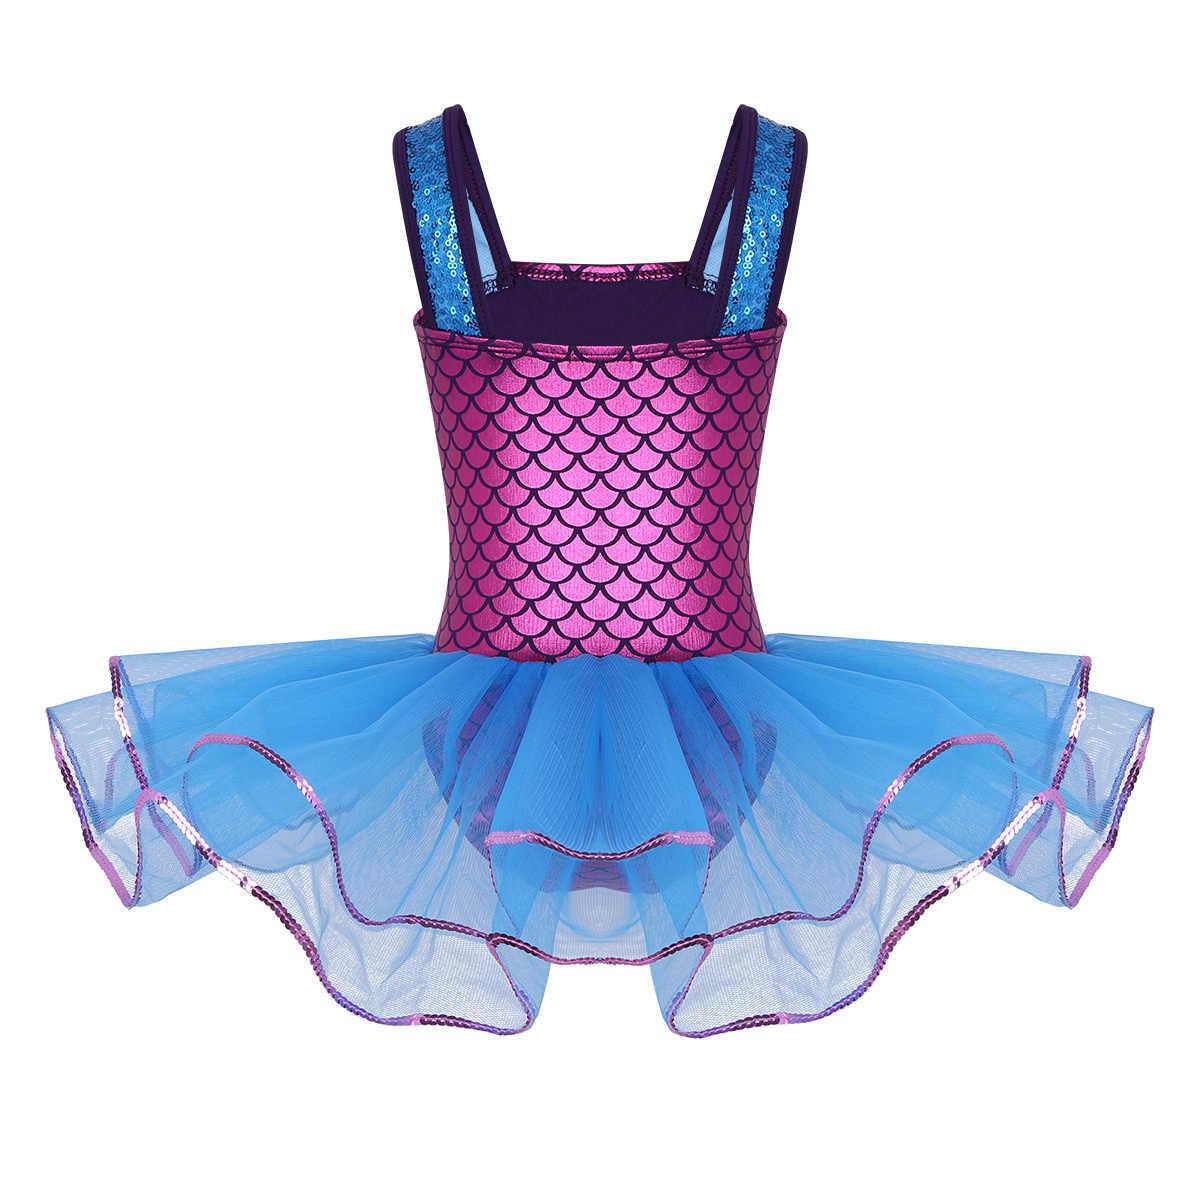 Детская Русалка Блестки для подростков, широкие лямки, балетное платье для танцев, профессиональное балетное платье-пачка, гимнастическое трико, платье для девочек